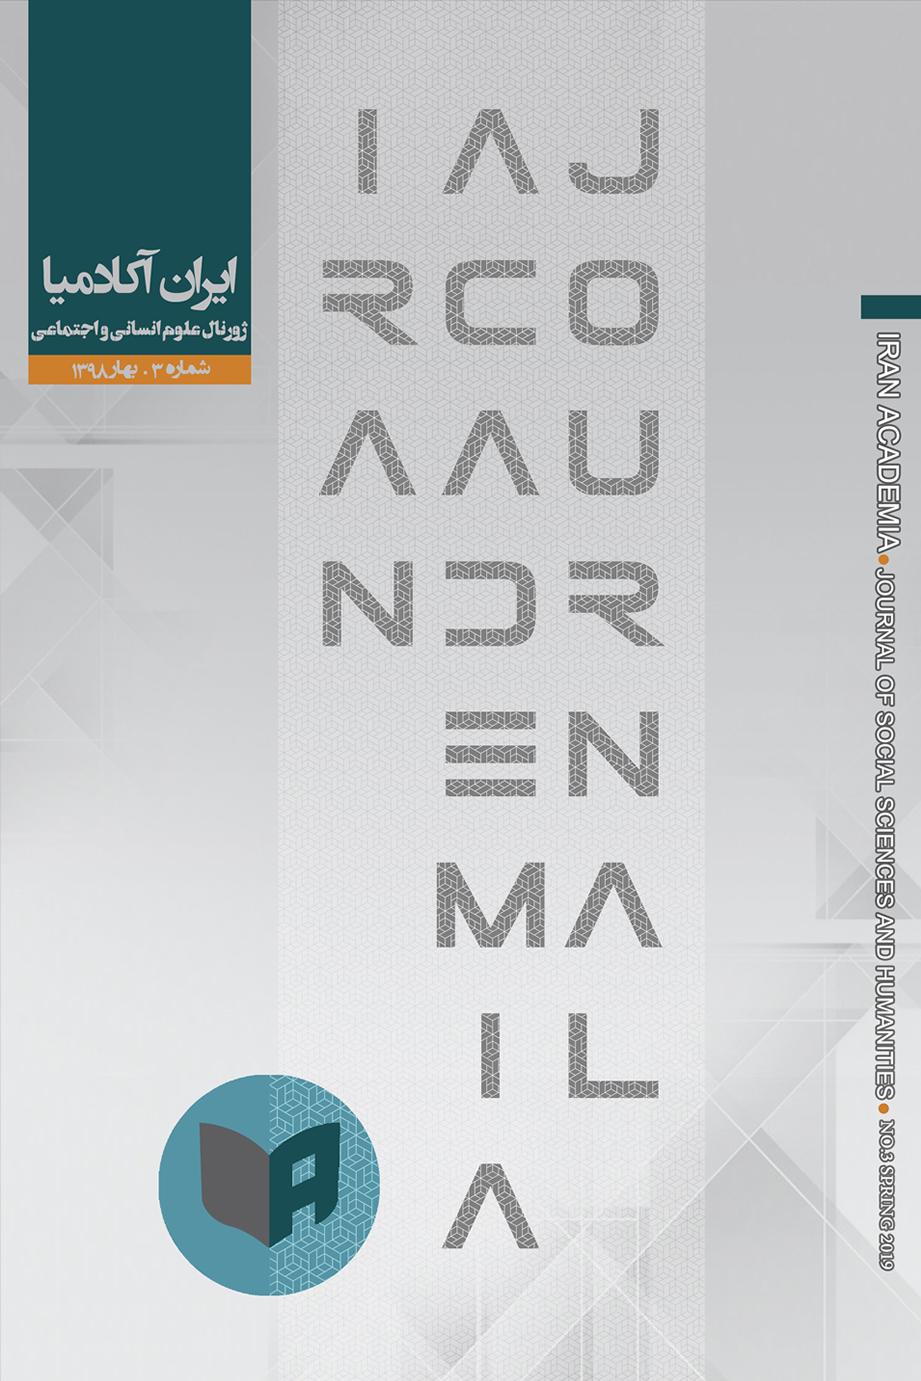 جلد سومین شماره ژورنال ایران آکادمیا